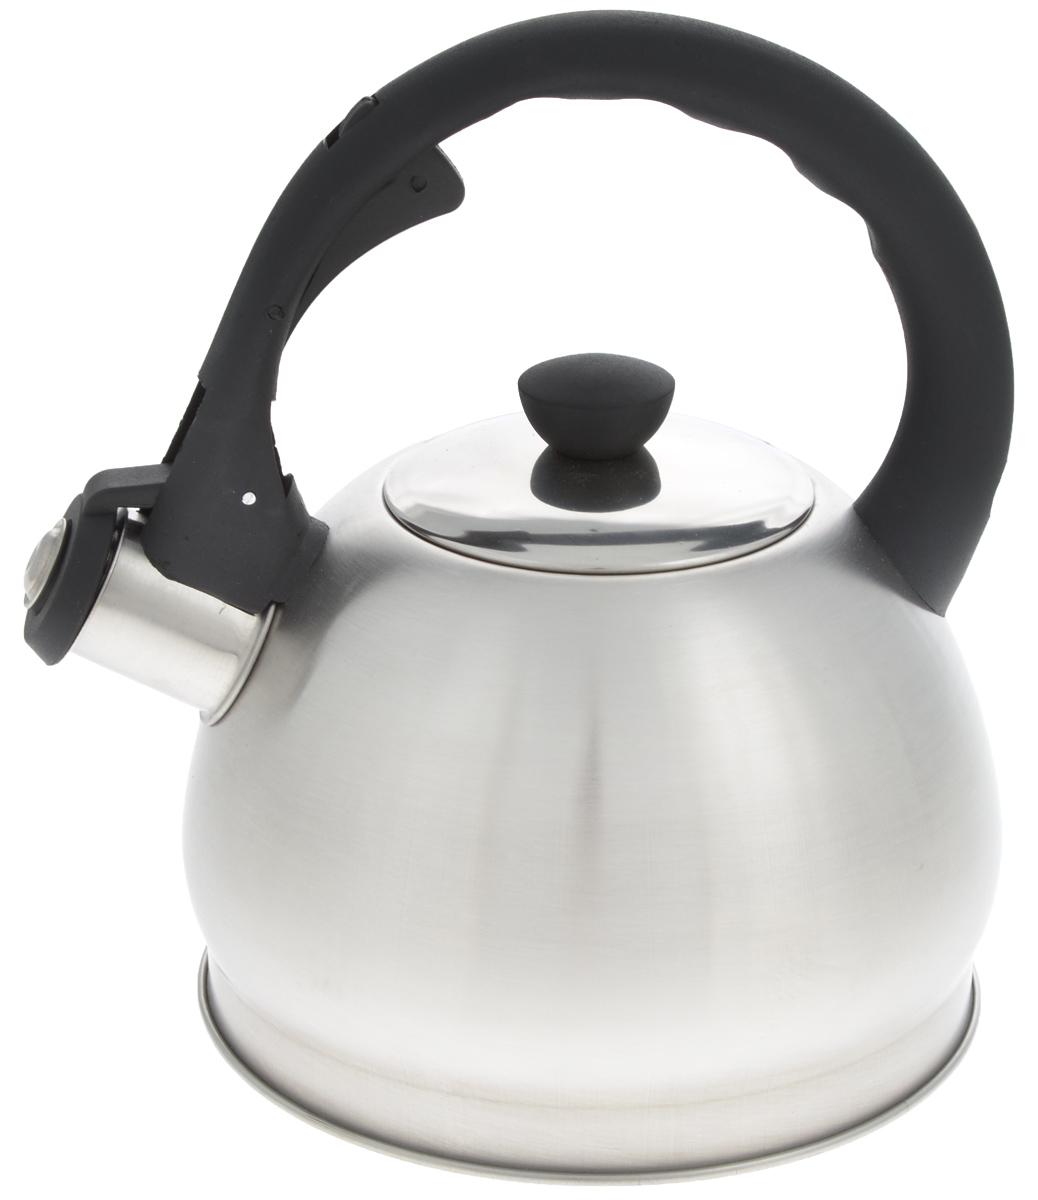 Чайник Mayer & Boch, со свистком, 2 л. 25894VT-1520(SR)Чайник со свистком Mayer & Boch изготовлен из высококачественной нержавеющей стали, что обеспечивает долговечность использования. Носик чайника оснащен откидным свистком, звуковой сигнал которого подскажет, когда закипит вода. Свисток открывается нажатием кнопки на фиксированной ручке, сделанной из пластика.Чайник Mayer & Boch - качественное исполнение и стильное решение для вашей кухни. Подходит для всех типов плит, включая индукционные. Можно мыть в посудомоечной машине. Высота чайника (с учетом ручки и крышки): 22 см.Диаметр чайника (по верхнему краю): 9 см.Диаметр основания: 16,5 см.Диаметр индукционного диска: 11,5 см.